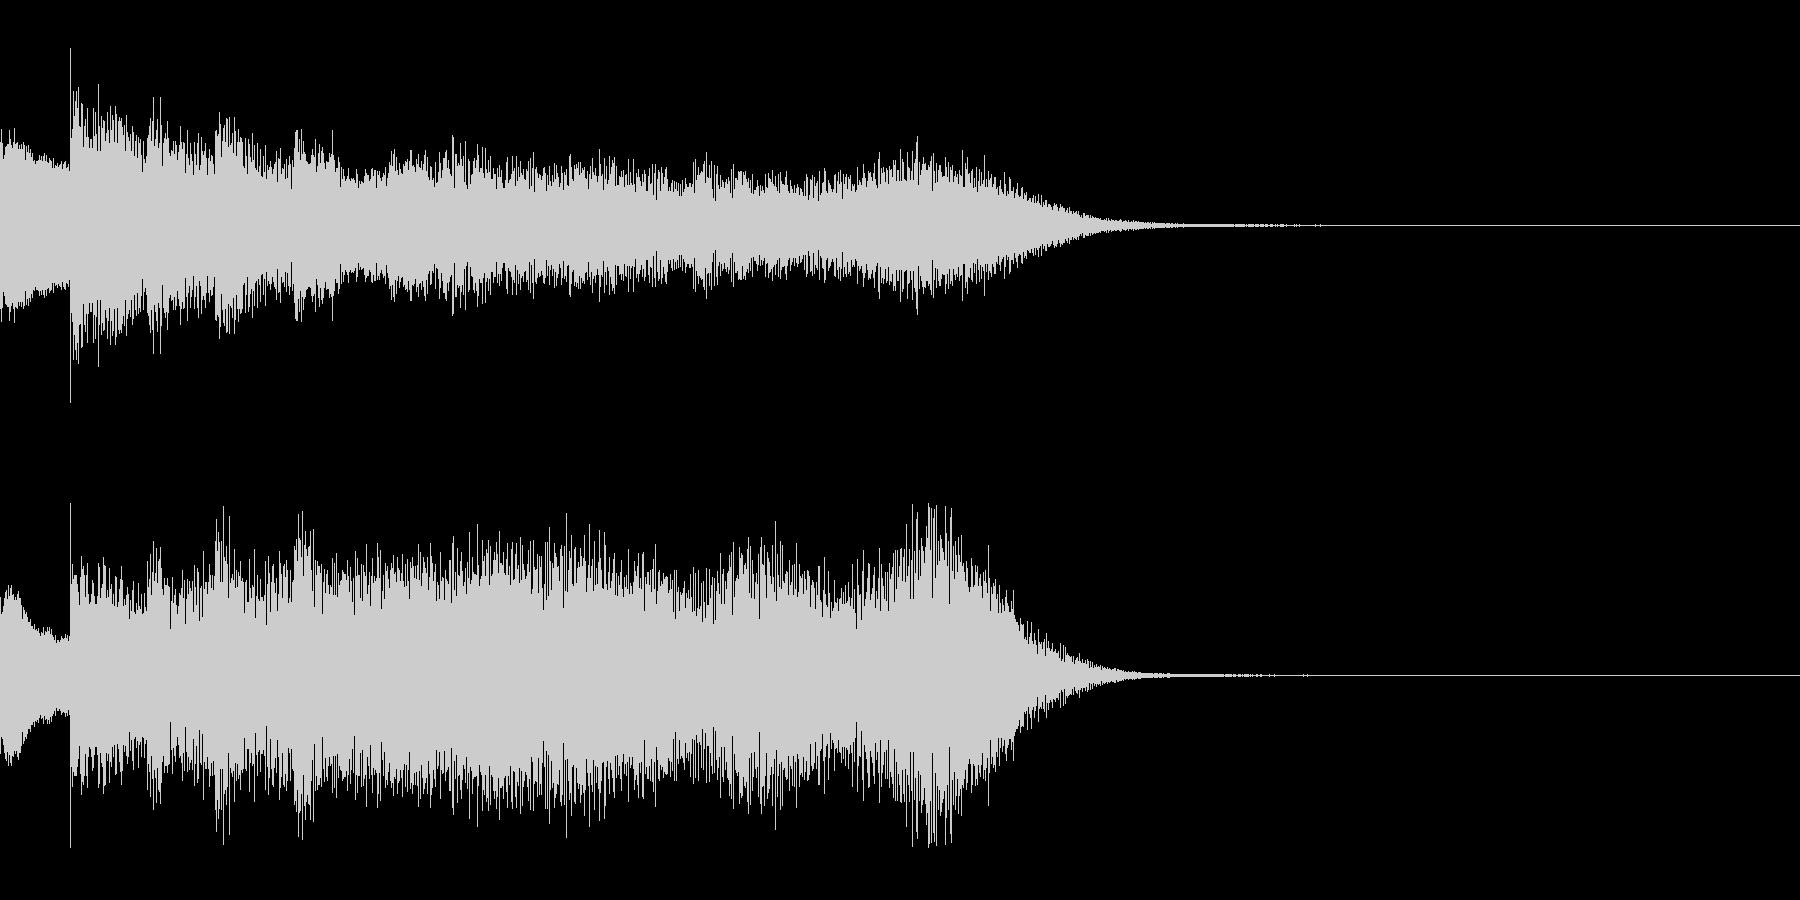 ゆっくり 現れる 登場 変化 変身 実験の未再生の波形